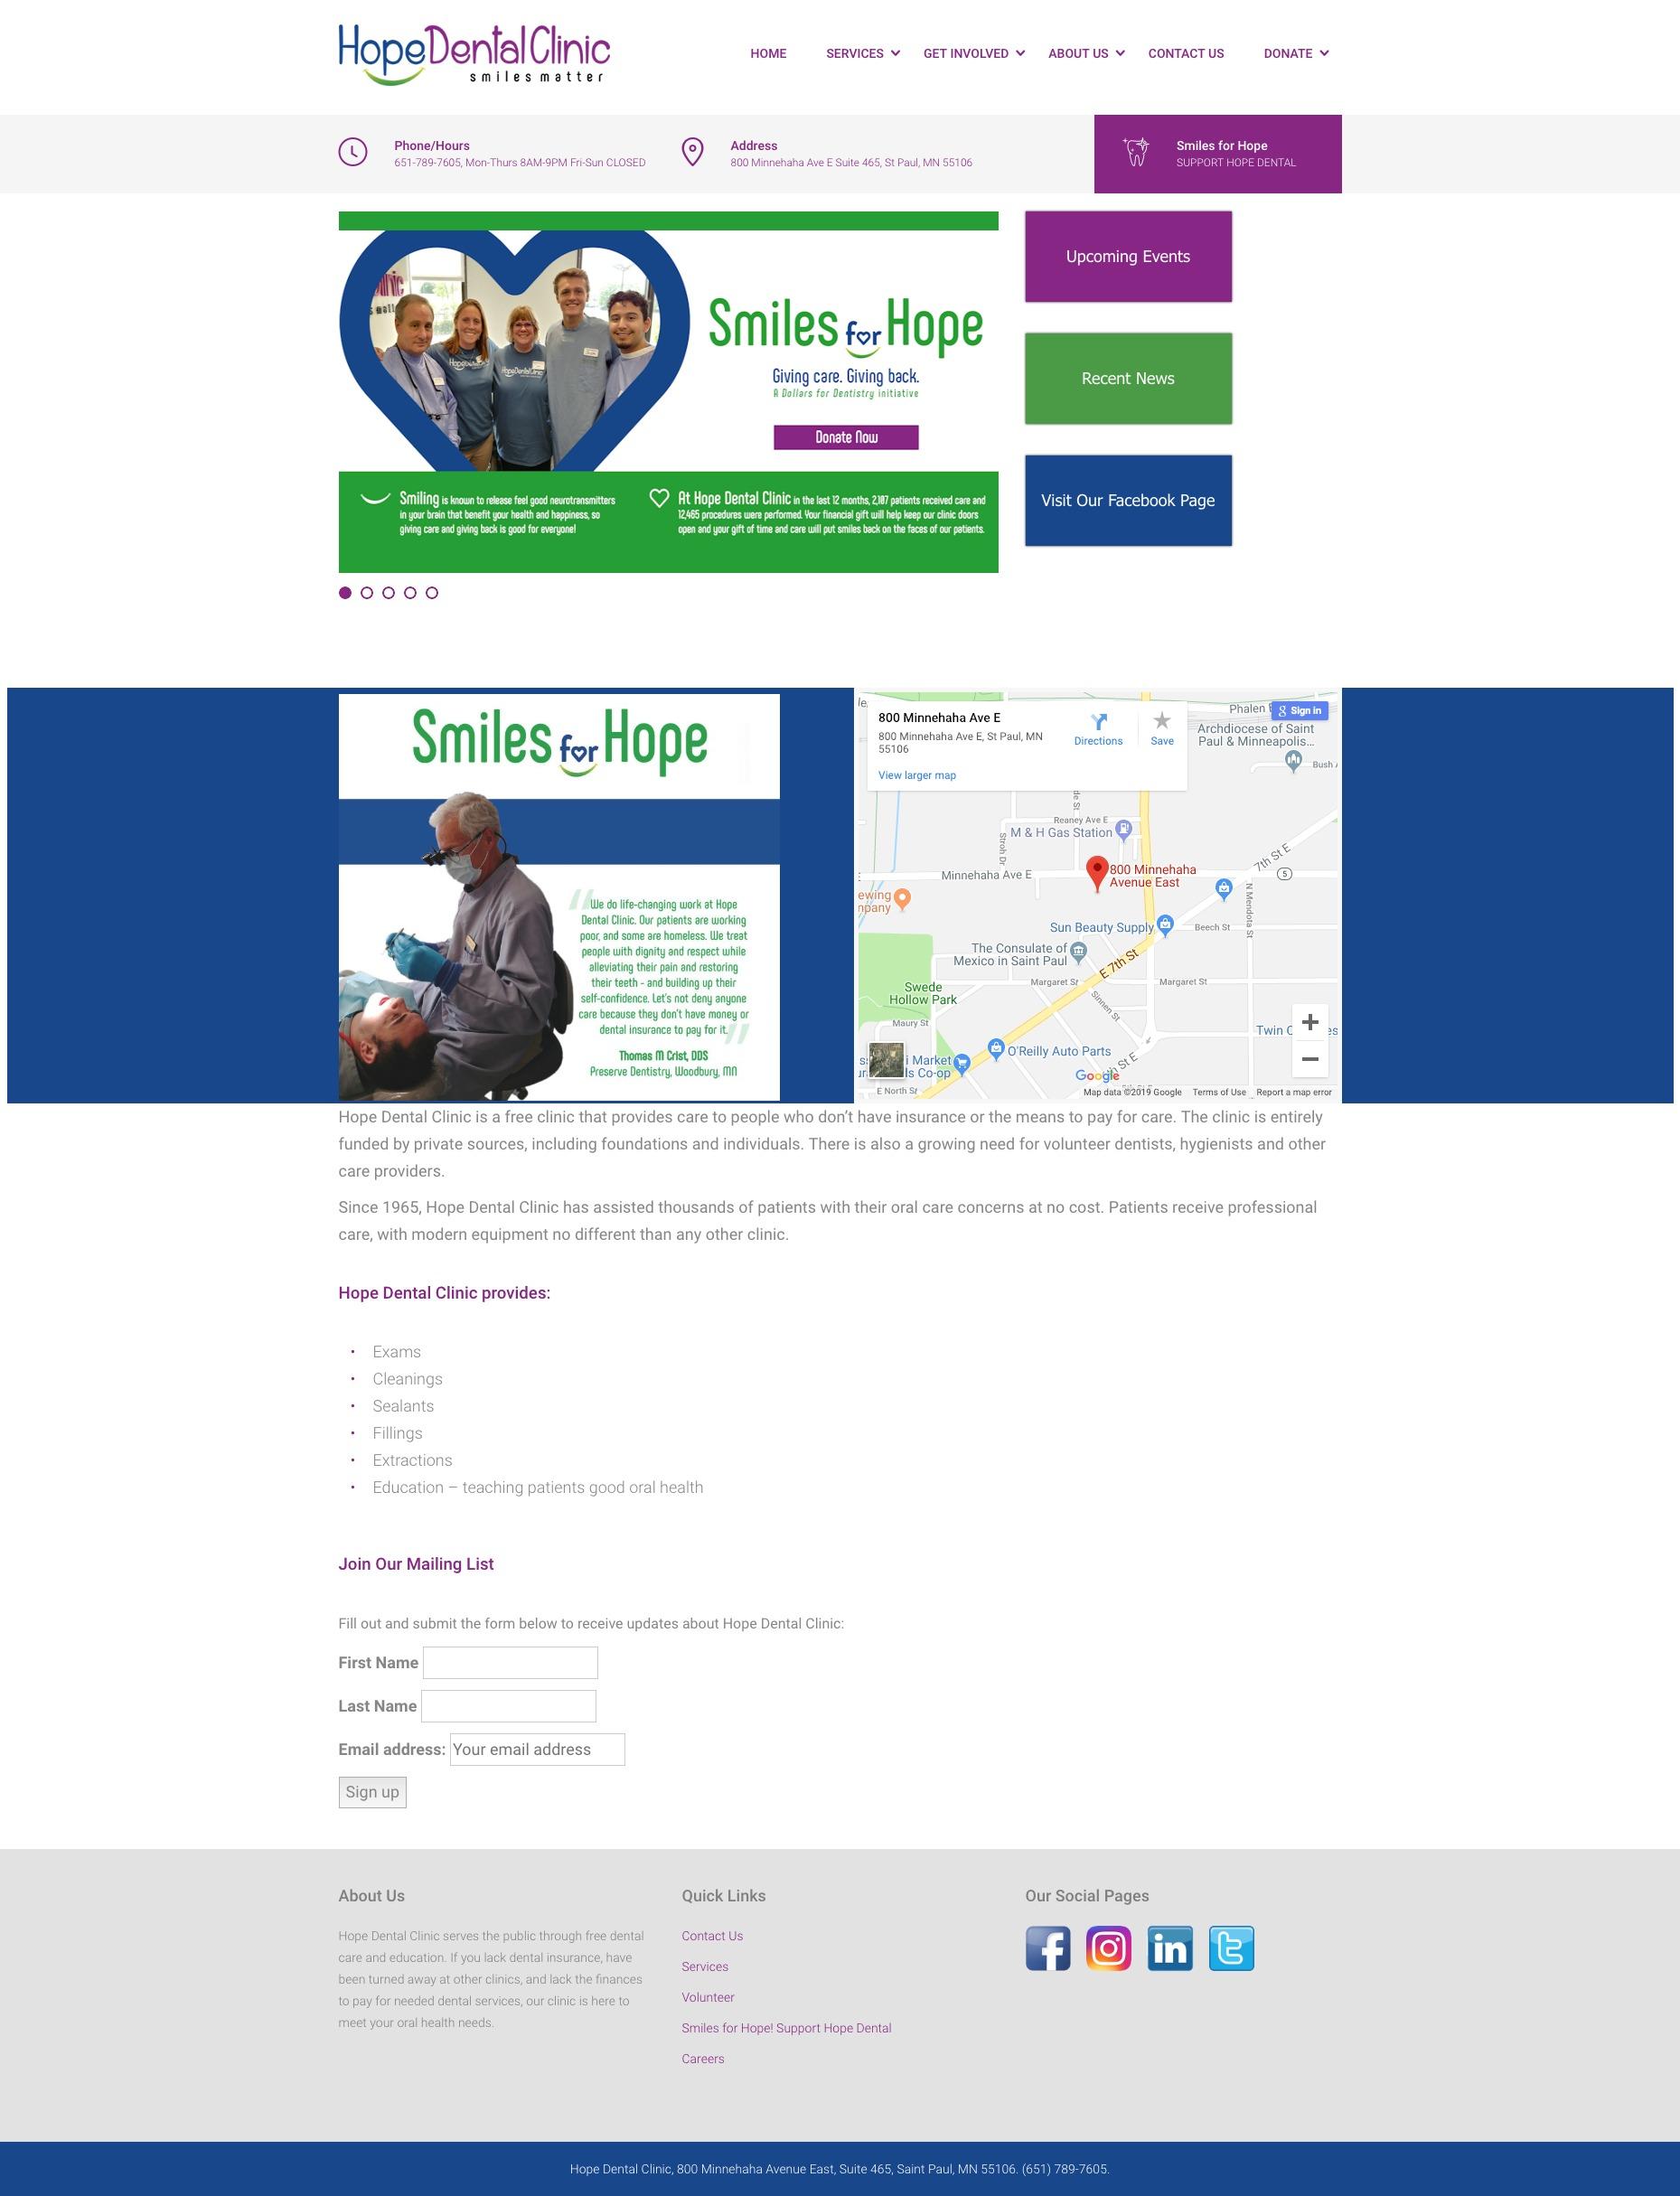 screencapture-hopedentalclinic-org-2019-01-17-21_00_20.jpg